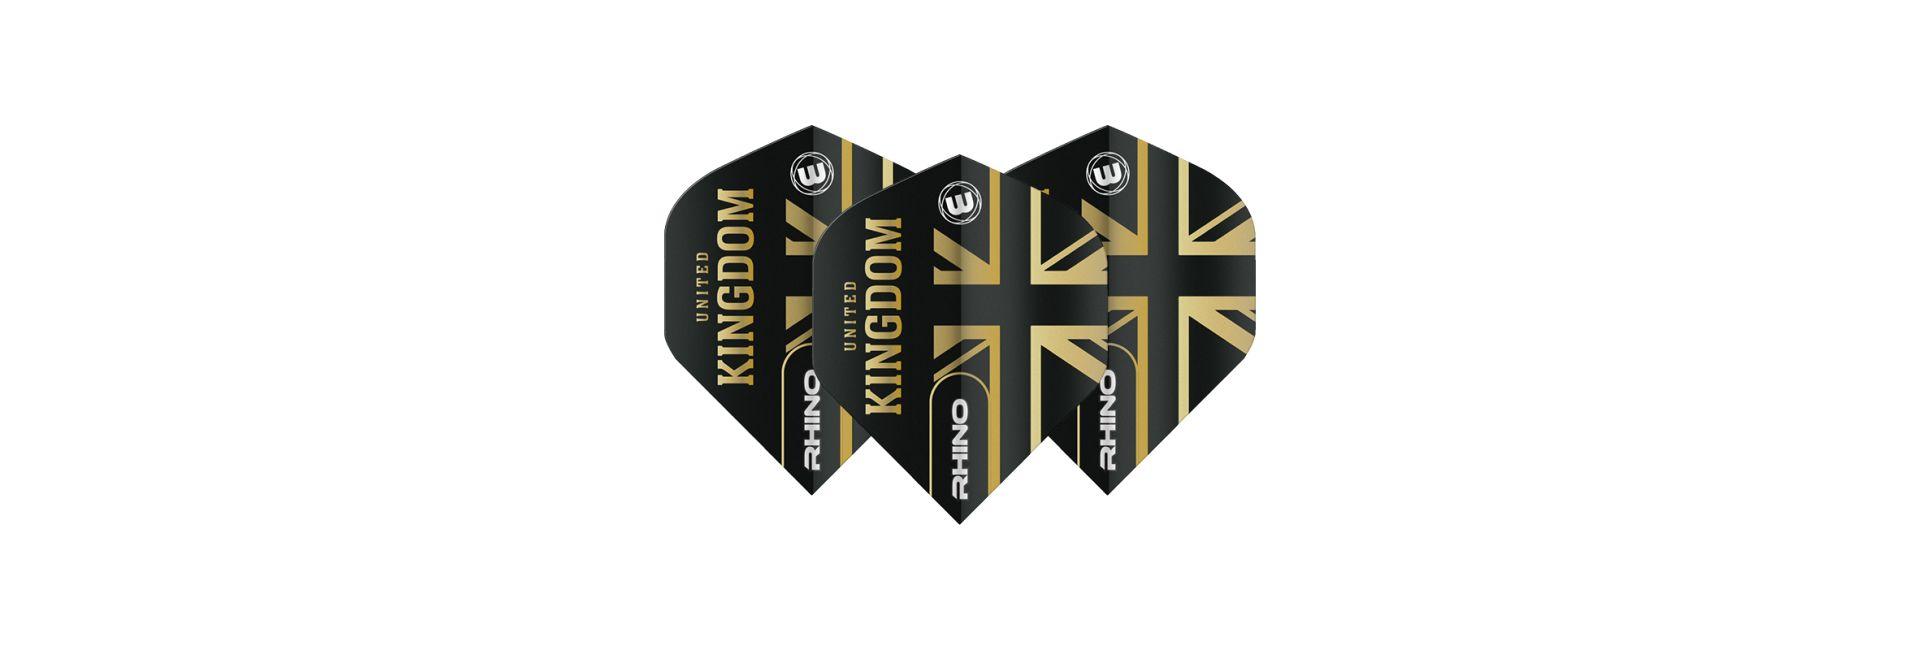 Winmau Rhino Black & Gold United Kingdom Dart Flights